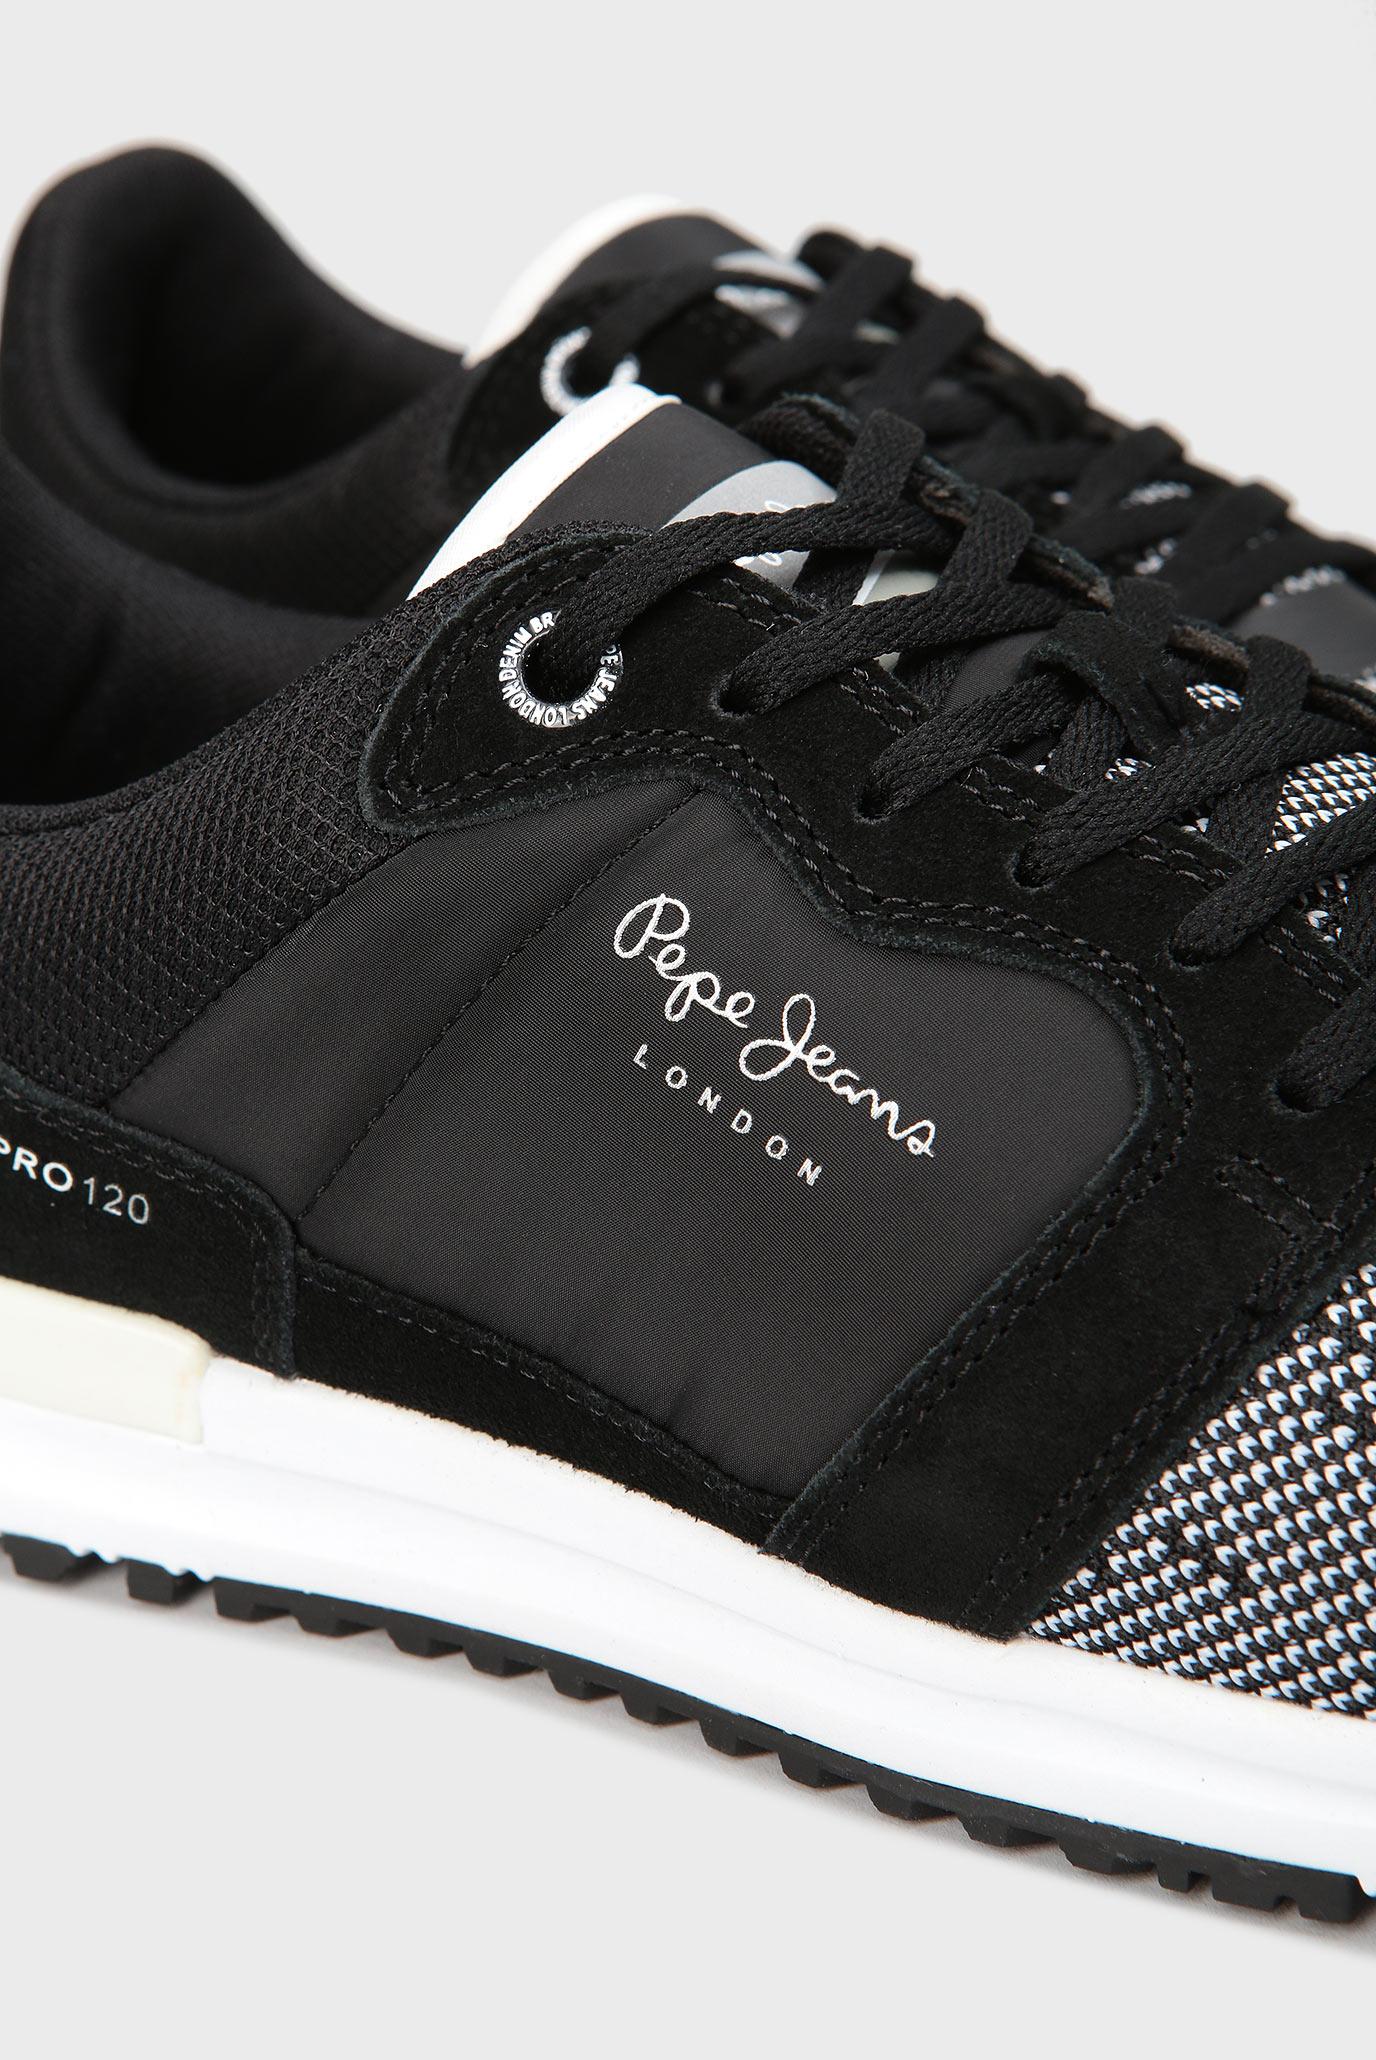 Купить Мужские черные кроссовки Pepe Jeans Pepe Jeans PMS30417 – Киев, Украина. Цены в интернет магазине MD Fashion